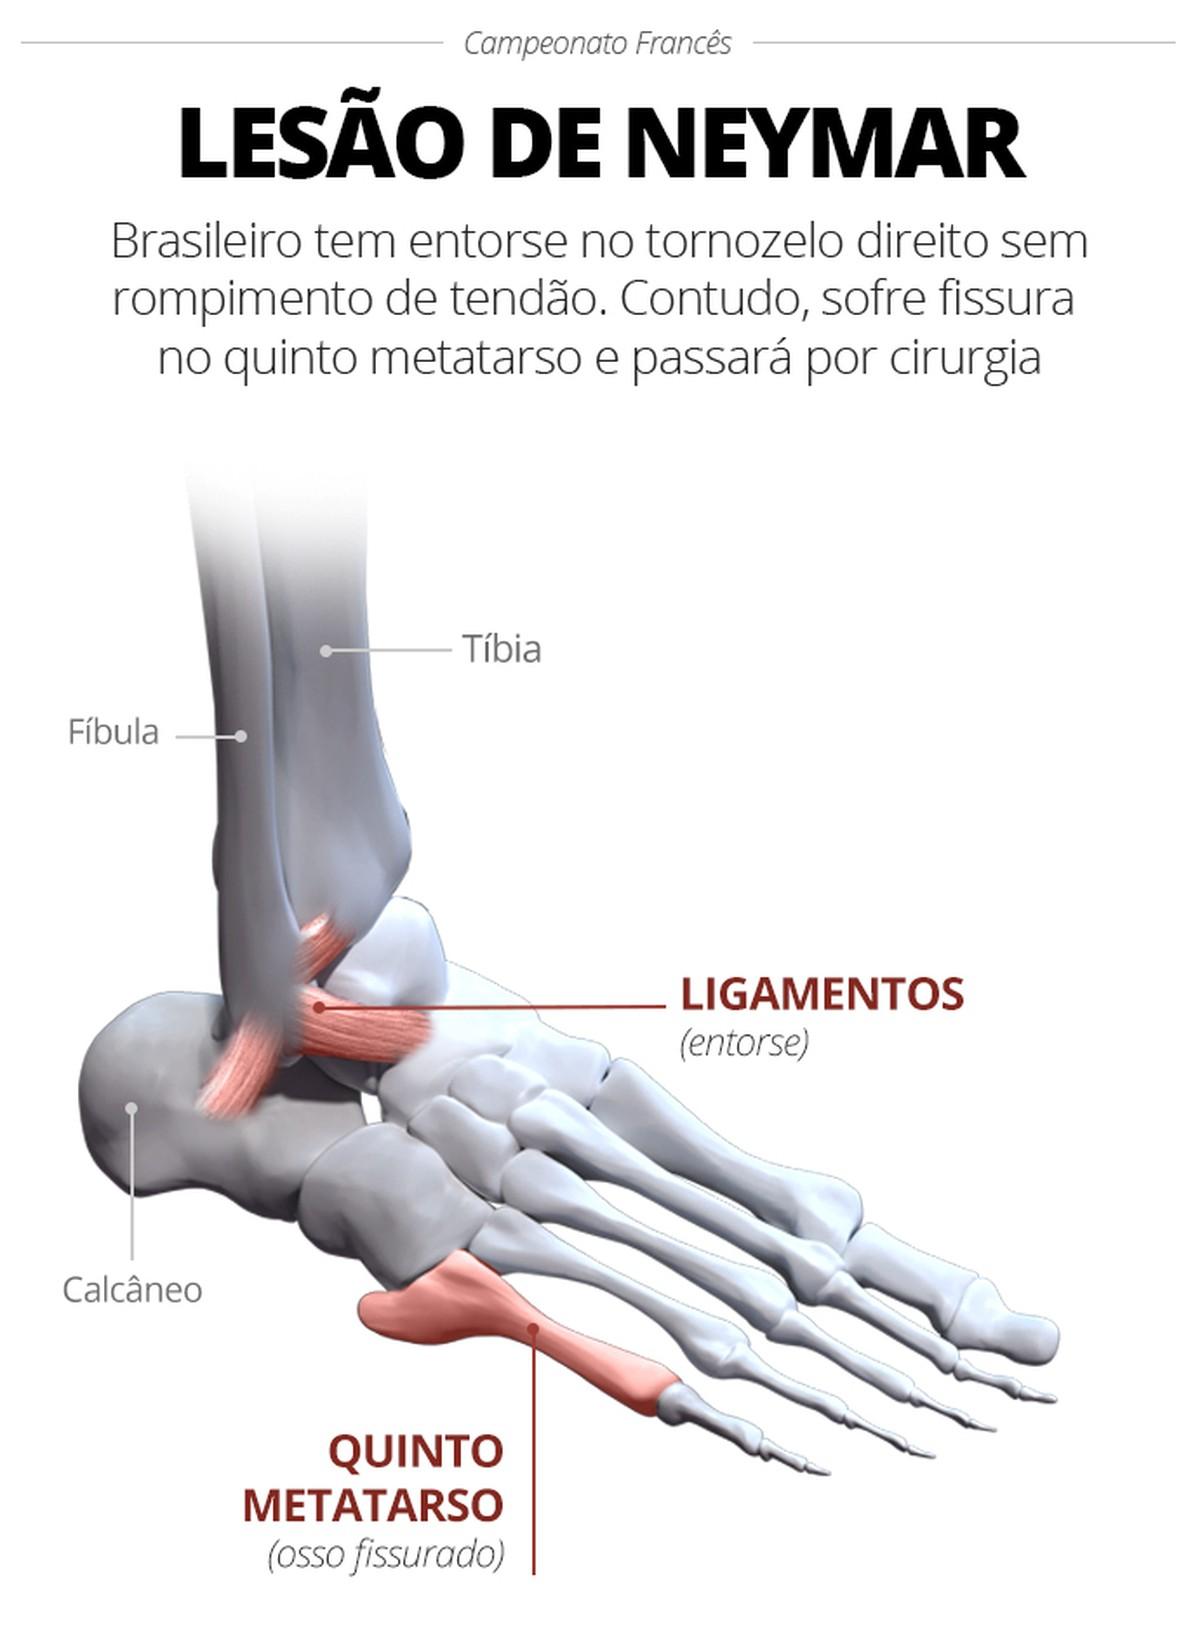 Resultado de imagem para a fratura de neymar no metatarso